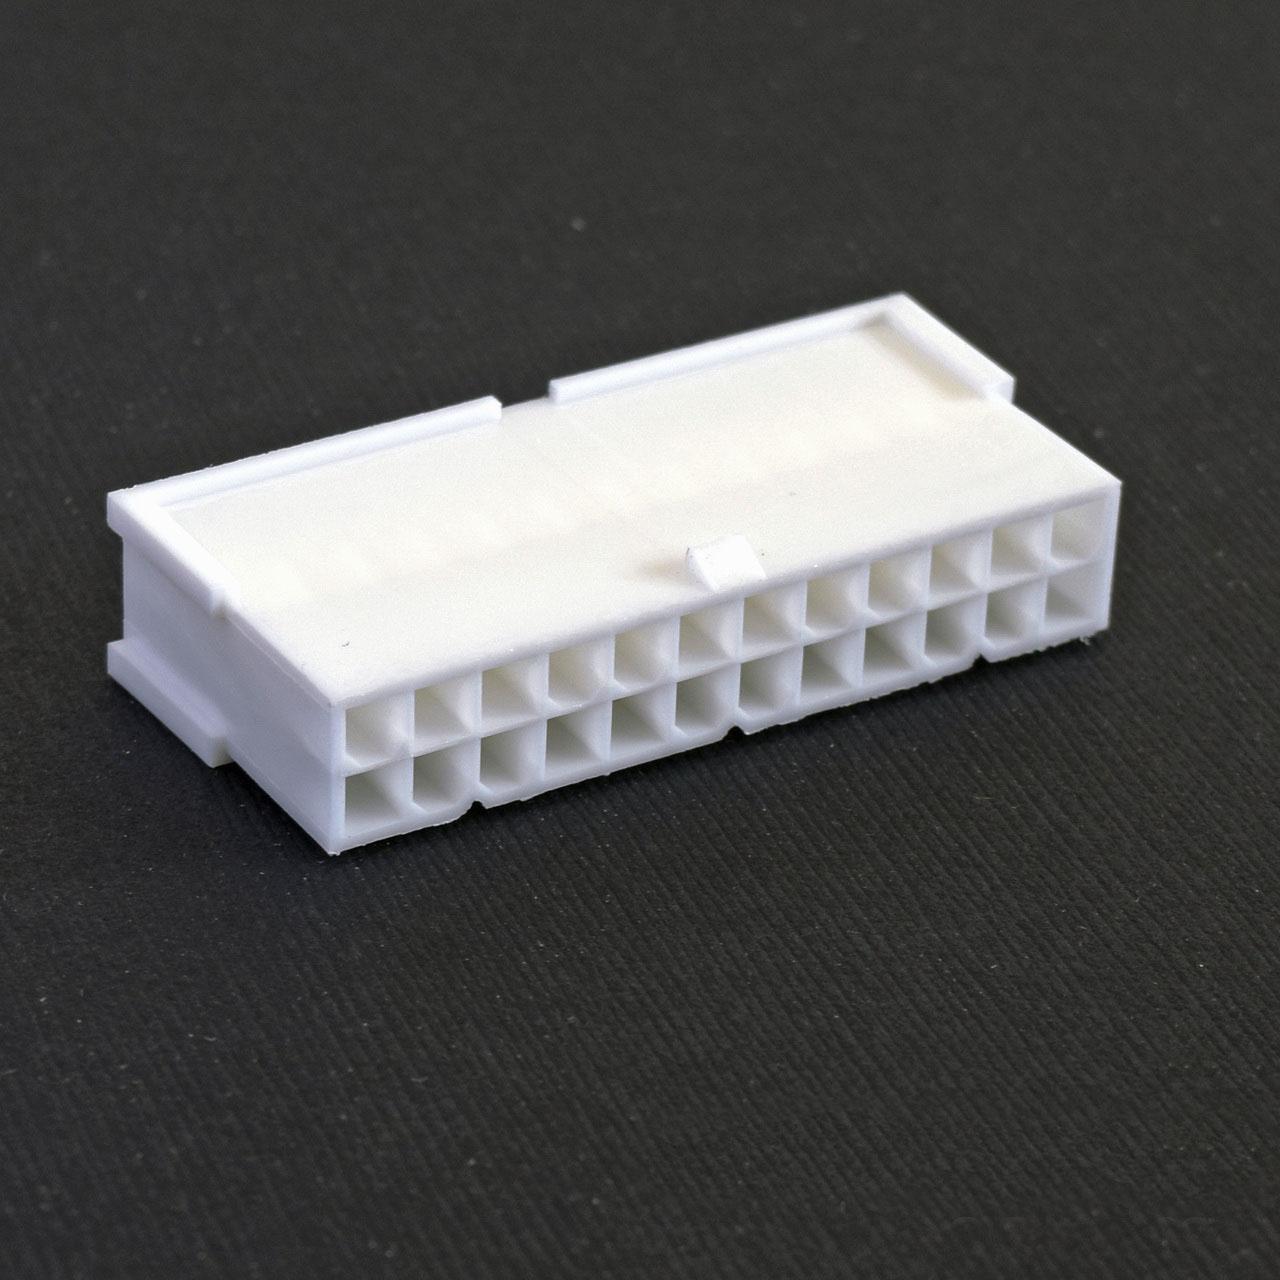 Connecteur Mâle 24 pins broches ATX - Blanc